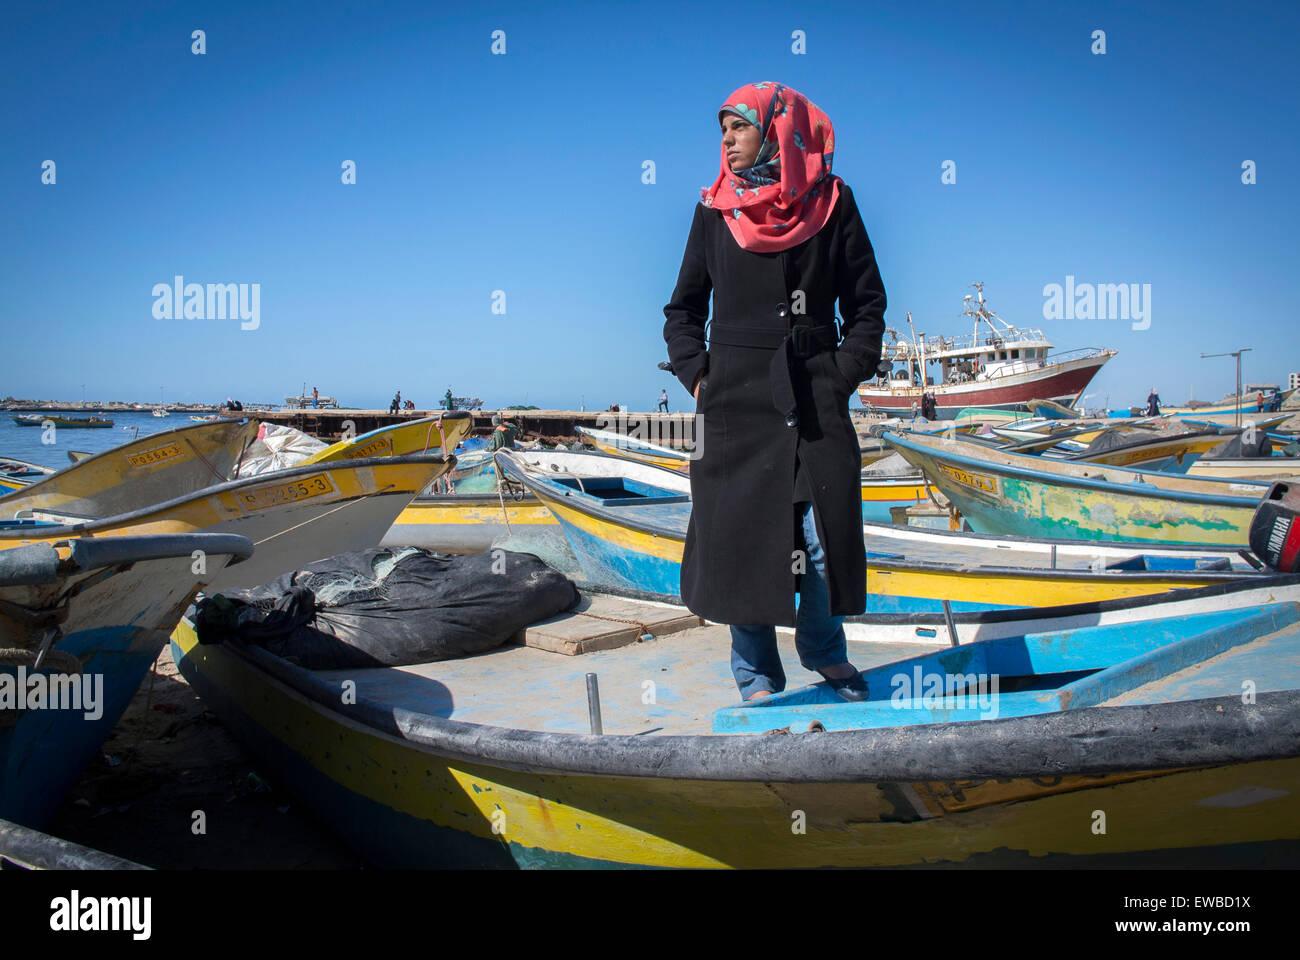 Les bandes de Gaza pêcheuse seulement 21 ans de Madeline Kollab se tient sur son bateau de pêche endommagés Photo Stock